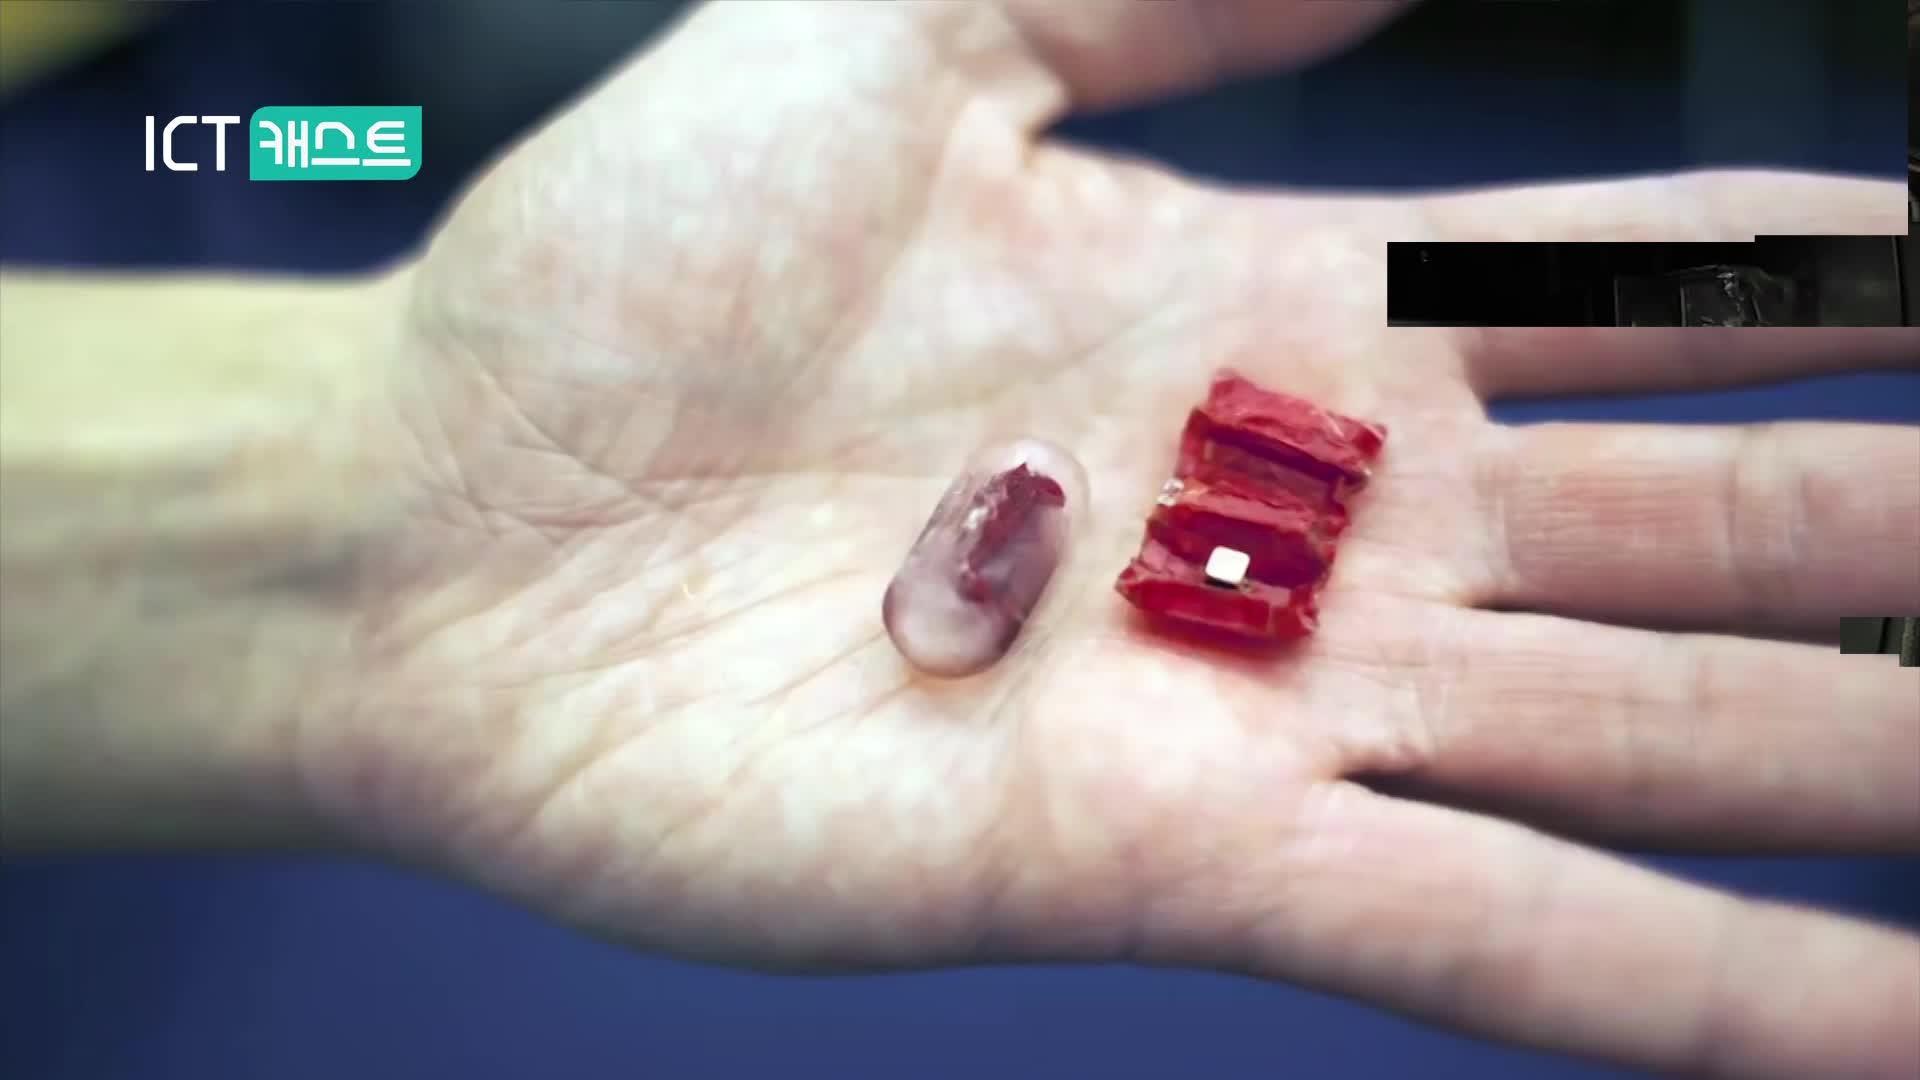 신체 어느 곳이든 소형 접이식 로봇 개발_ICT캐스트 5월 3주차